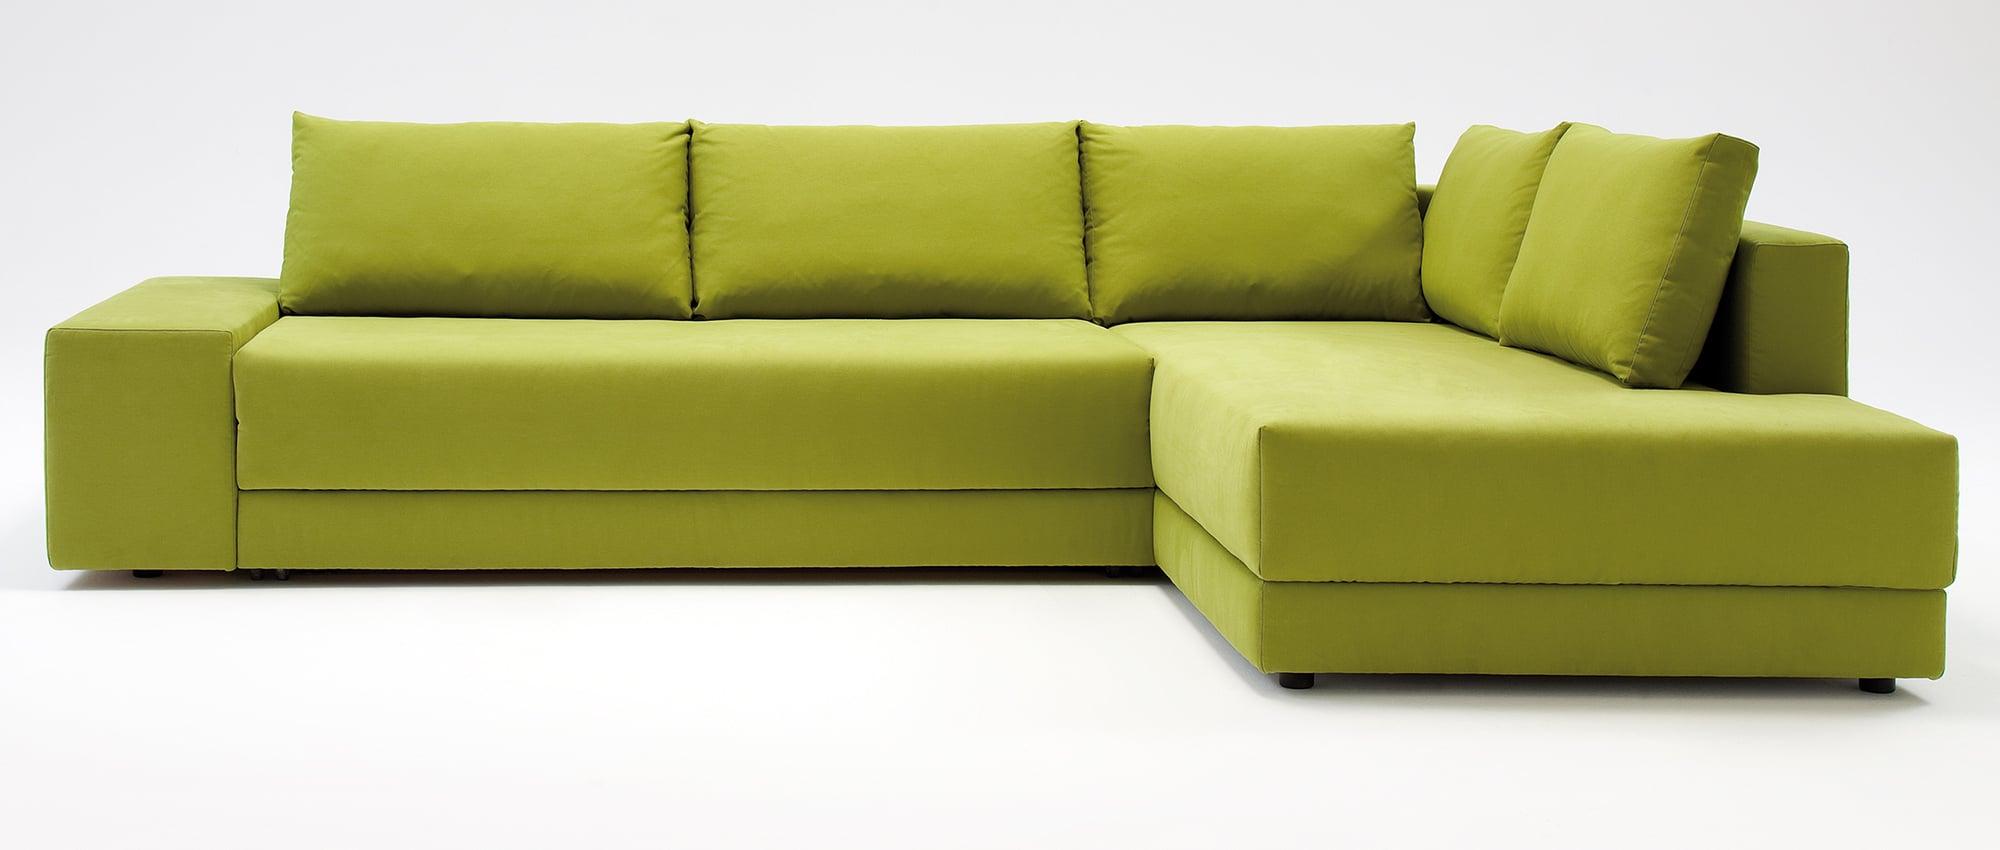 confetto ffertig contemporary living room. Confetto Ffertig Contemporary Living Room